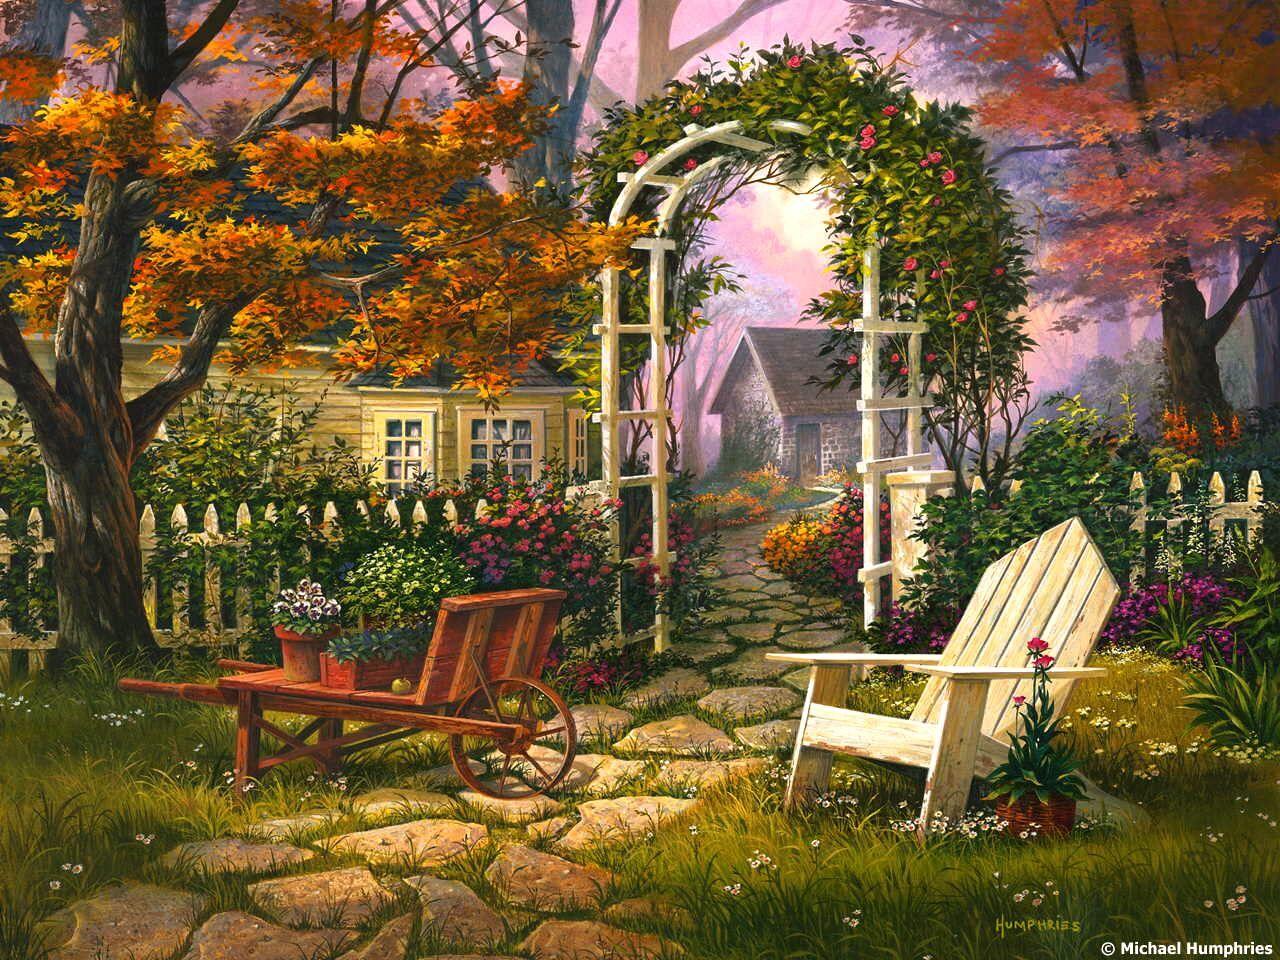 этой пейзаж в картинках садов позирует прозрачном нижнем